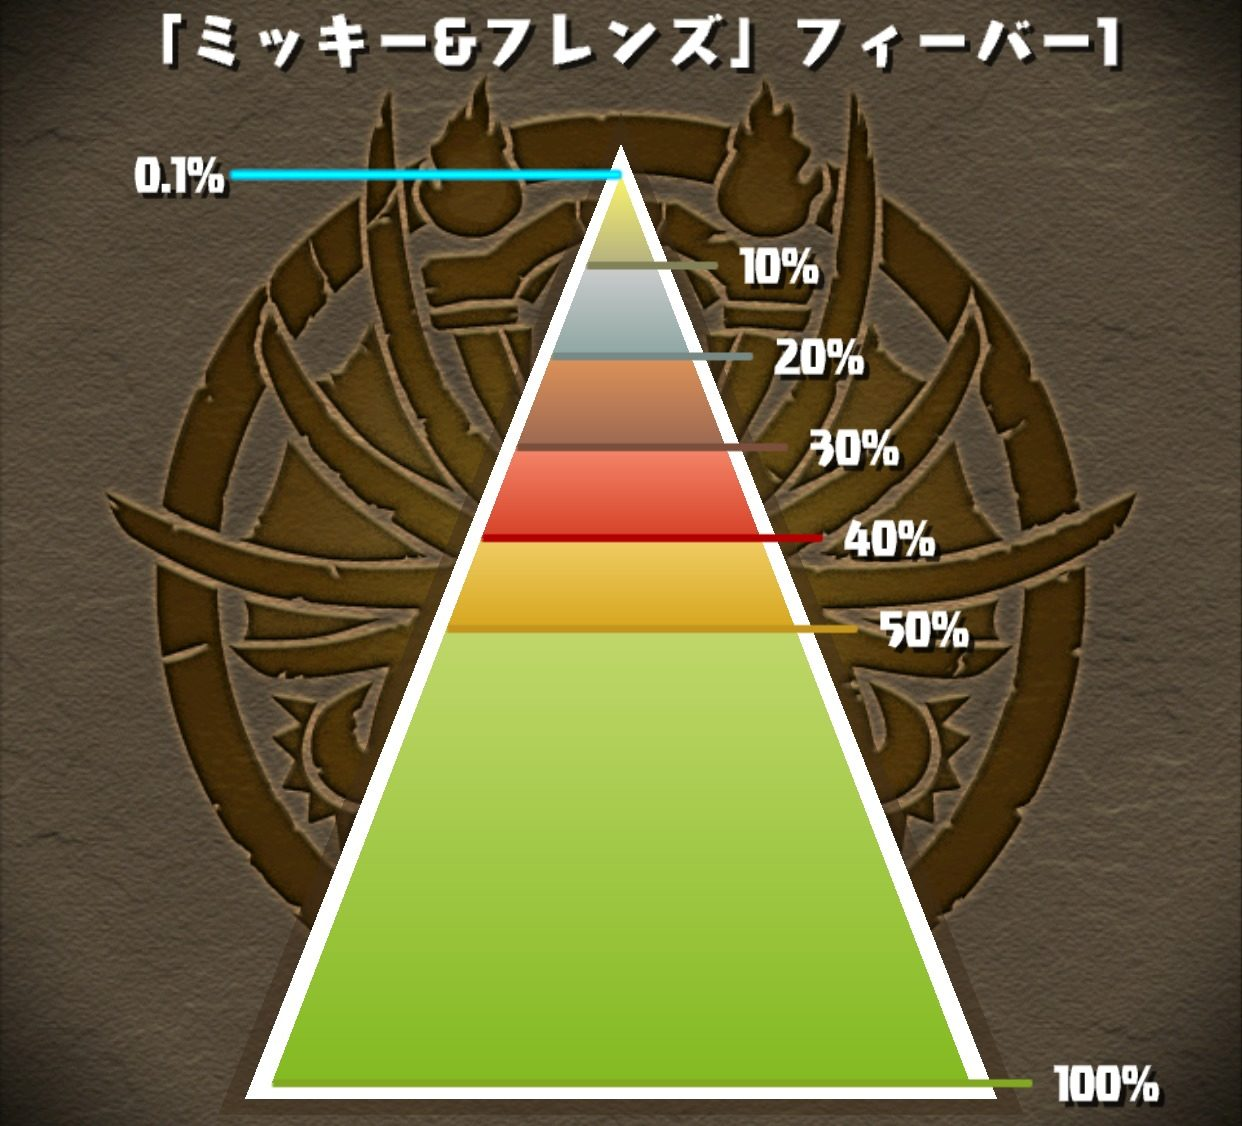 【パズドラ部】第1006回:ランキングダンジョン、カンストw